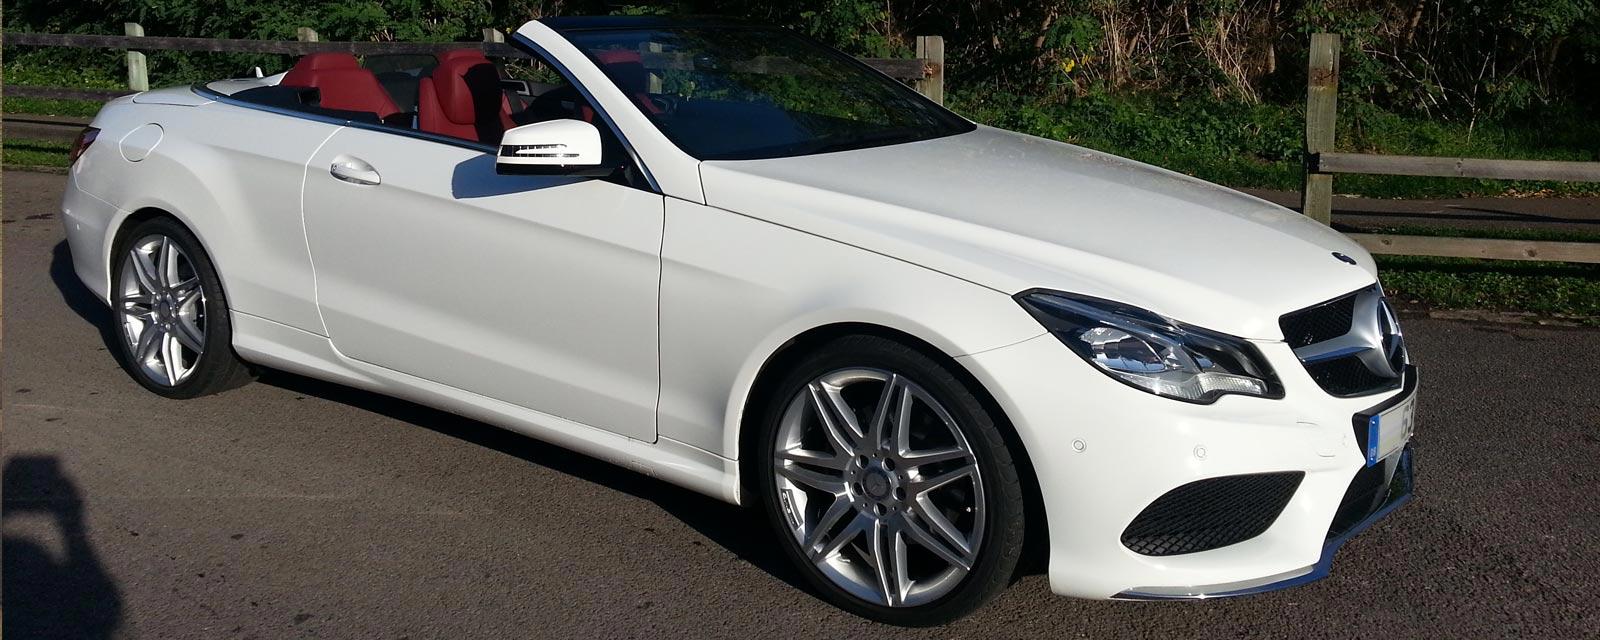 Mercedes benz e350 convertible for Mercedes benz e350 convertible for sale